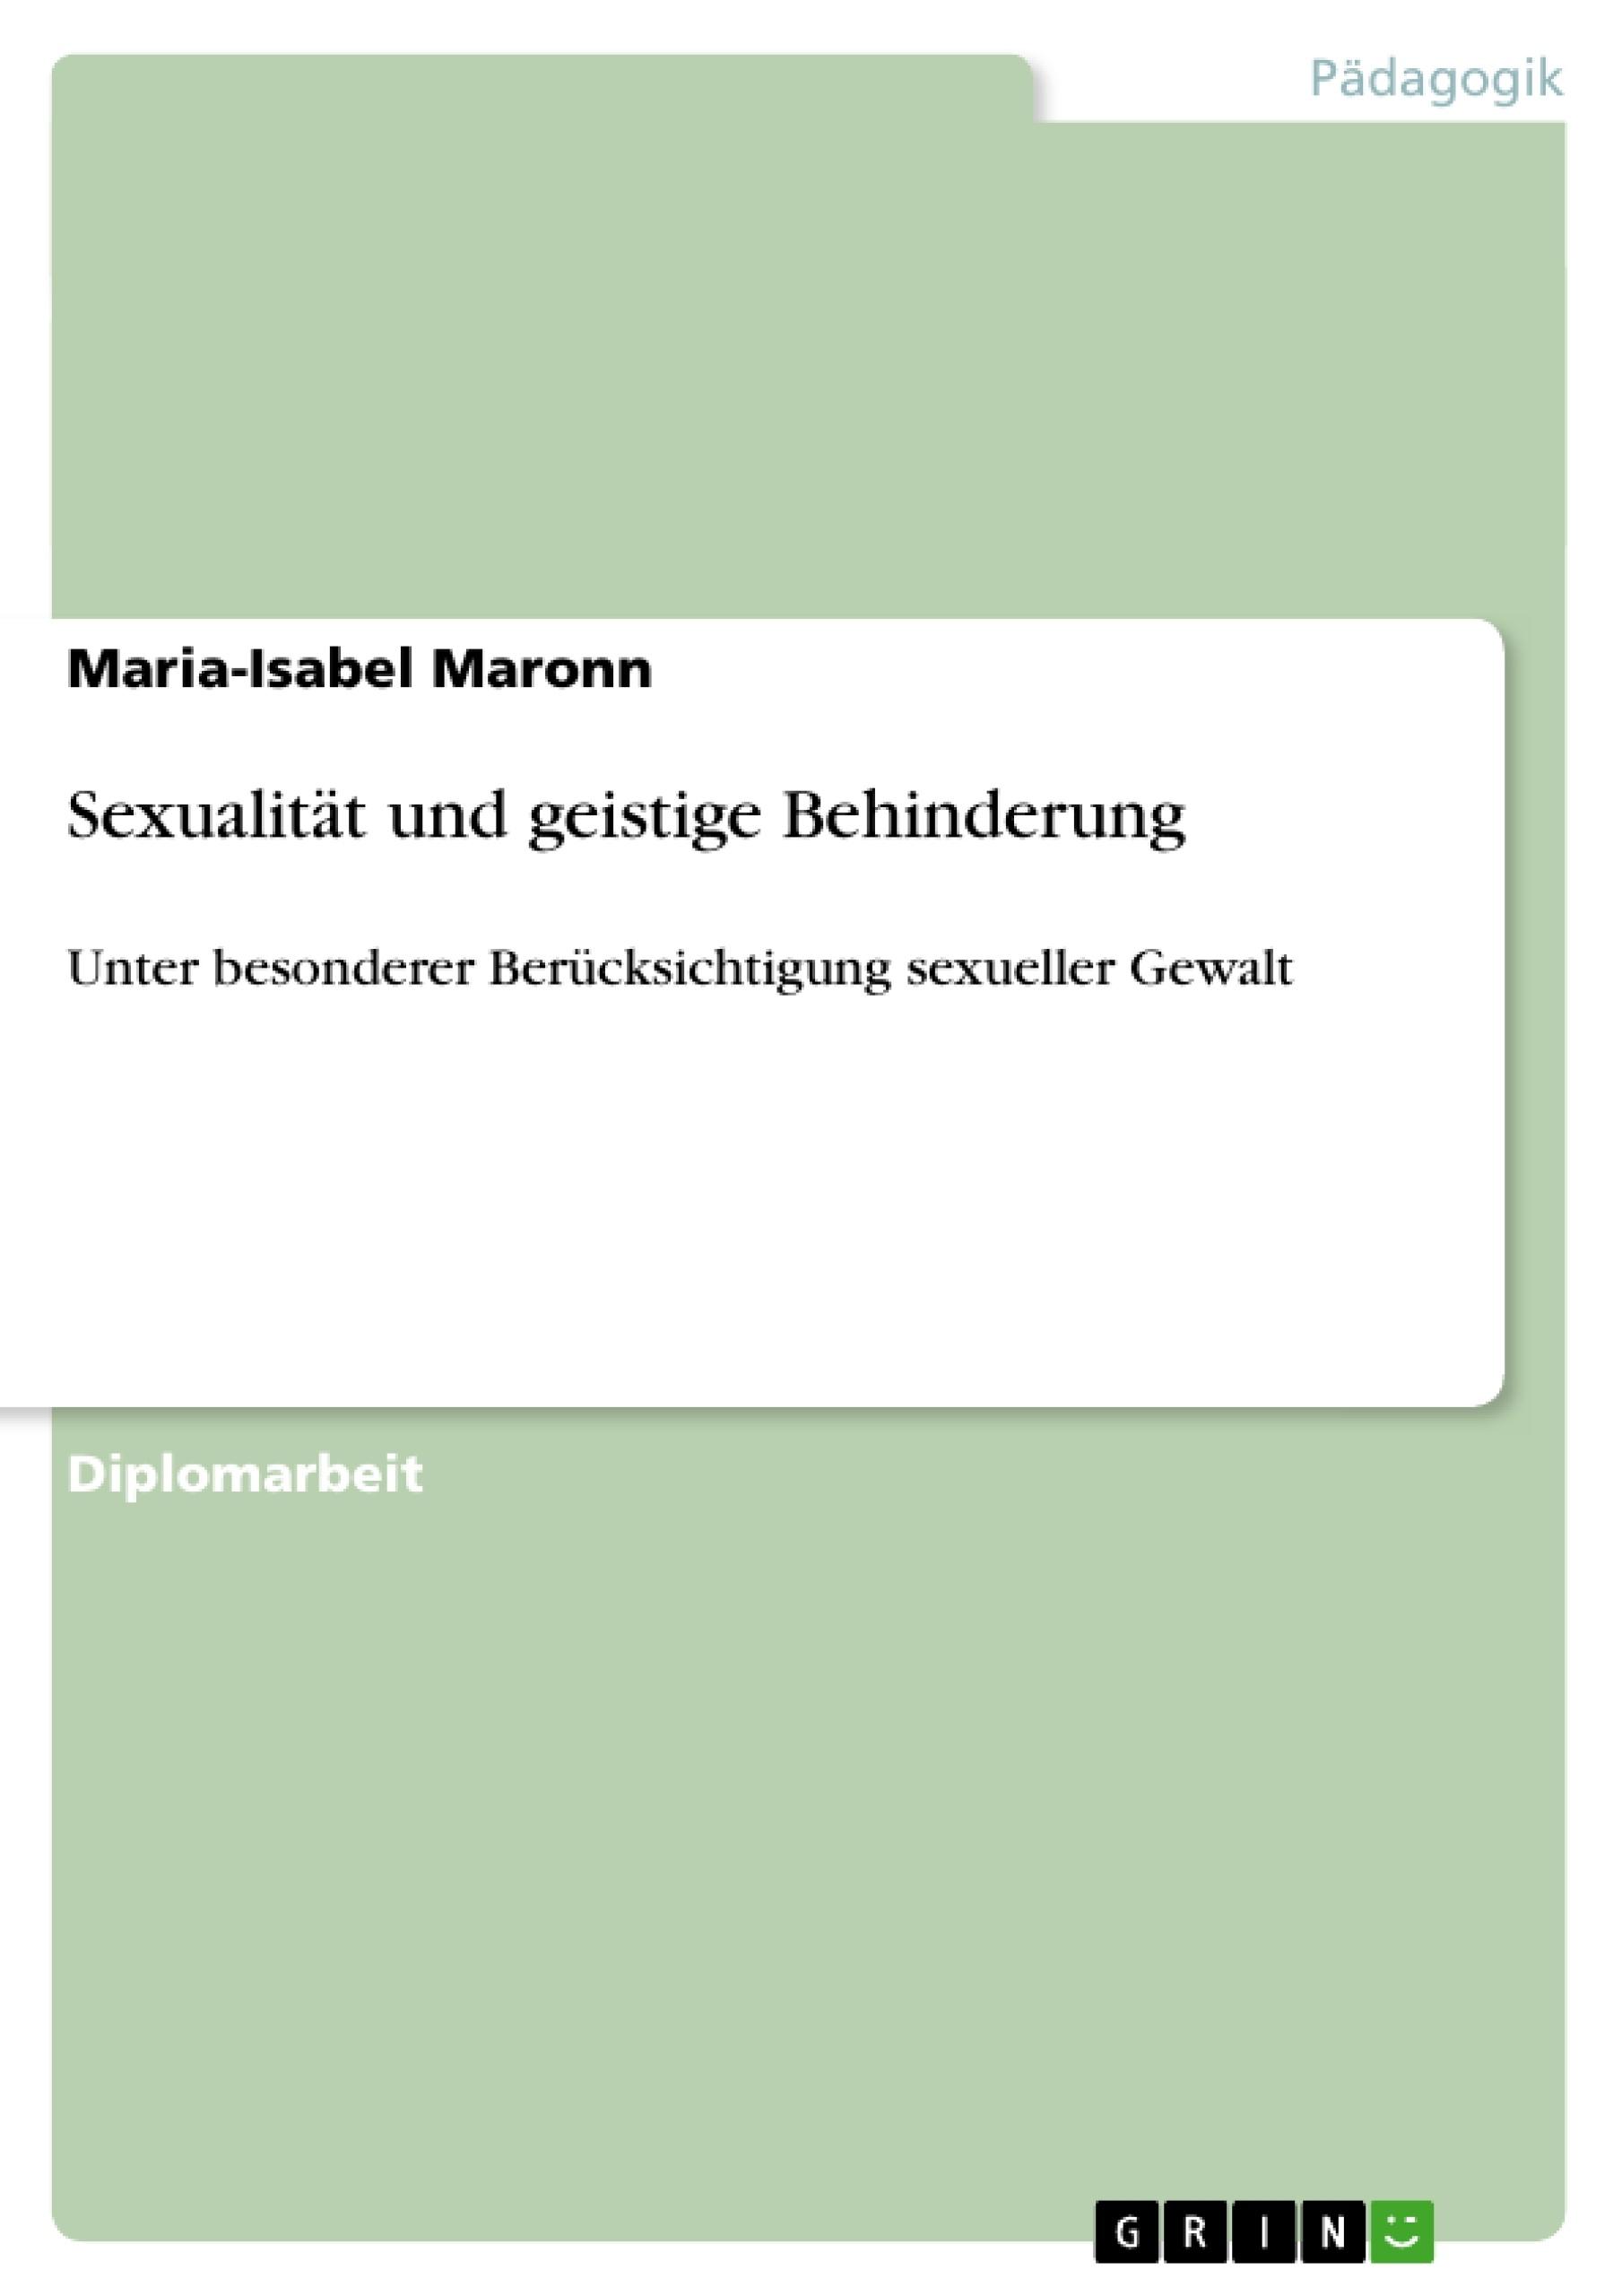 Titel: Sexualität und geistige Behinderung